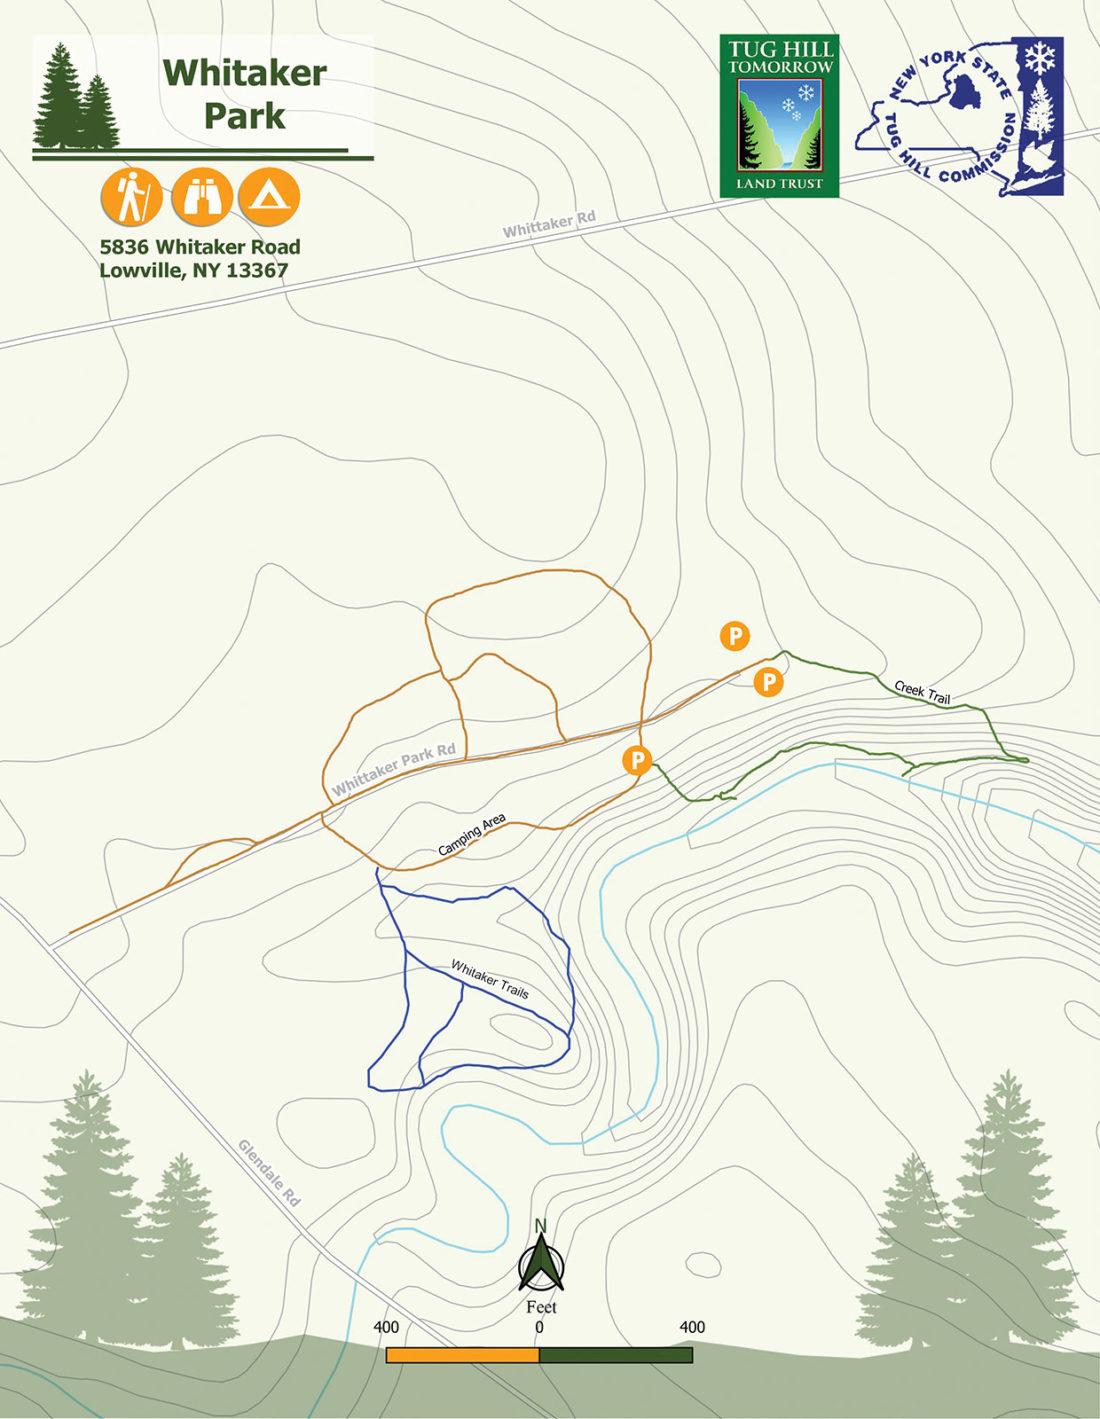 Whitaker Park Trail Map